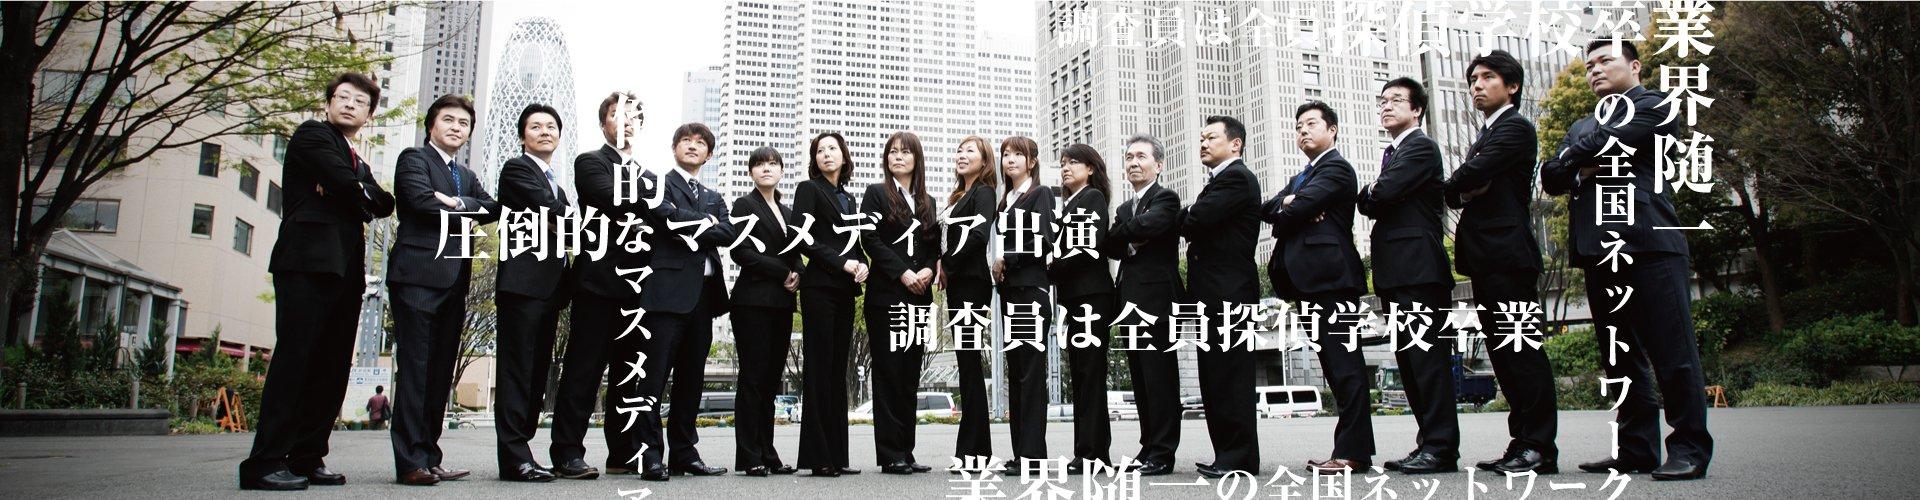 横浜駅前探偵は全国ネットワーク「探偵社ガルエージェンシーの一員です」